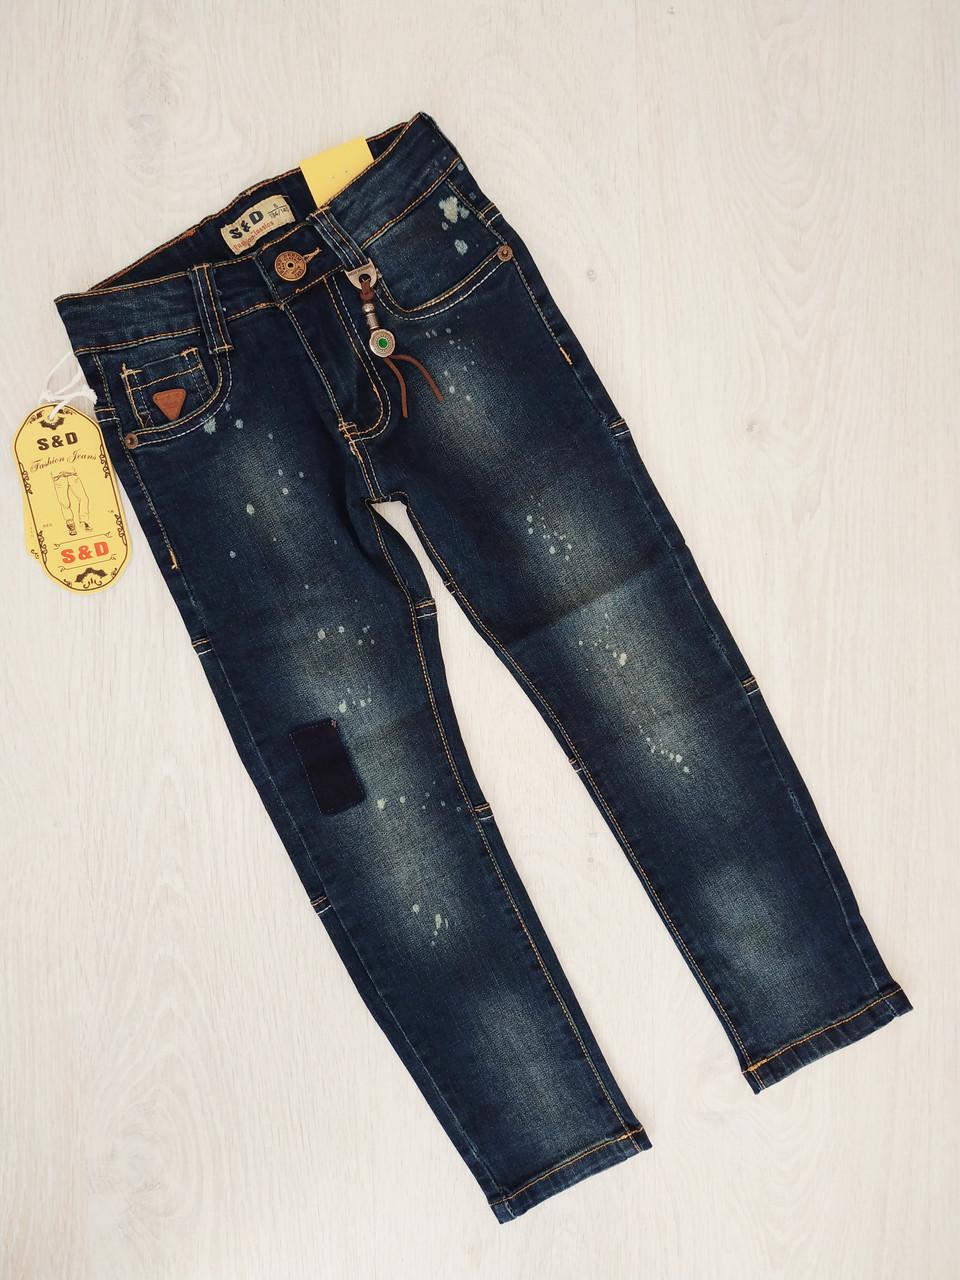 Джинсовые брюки для мальчиков, Венгрия, S&D, арт. LY-361